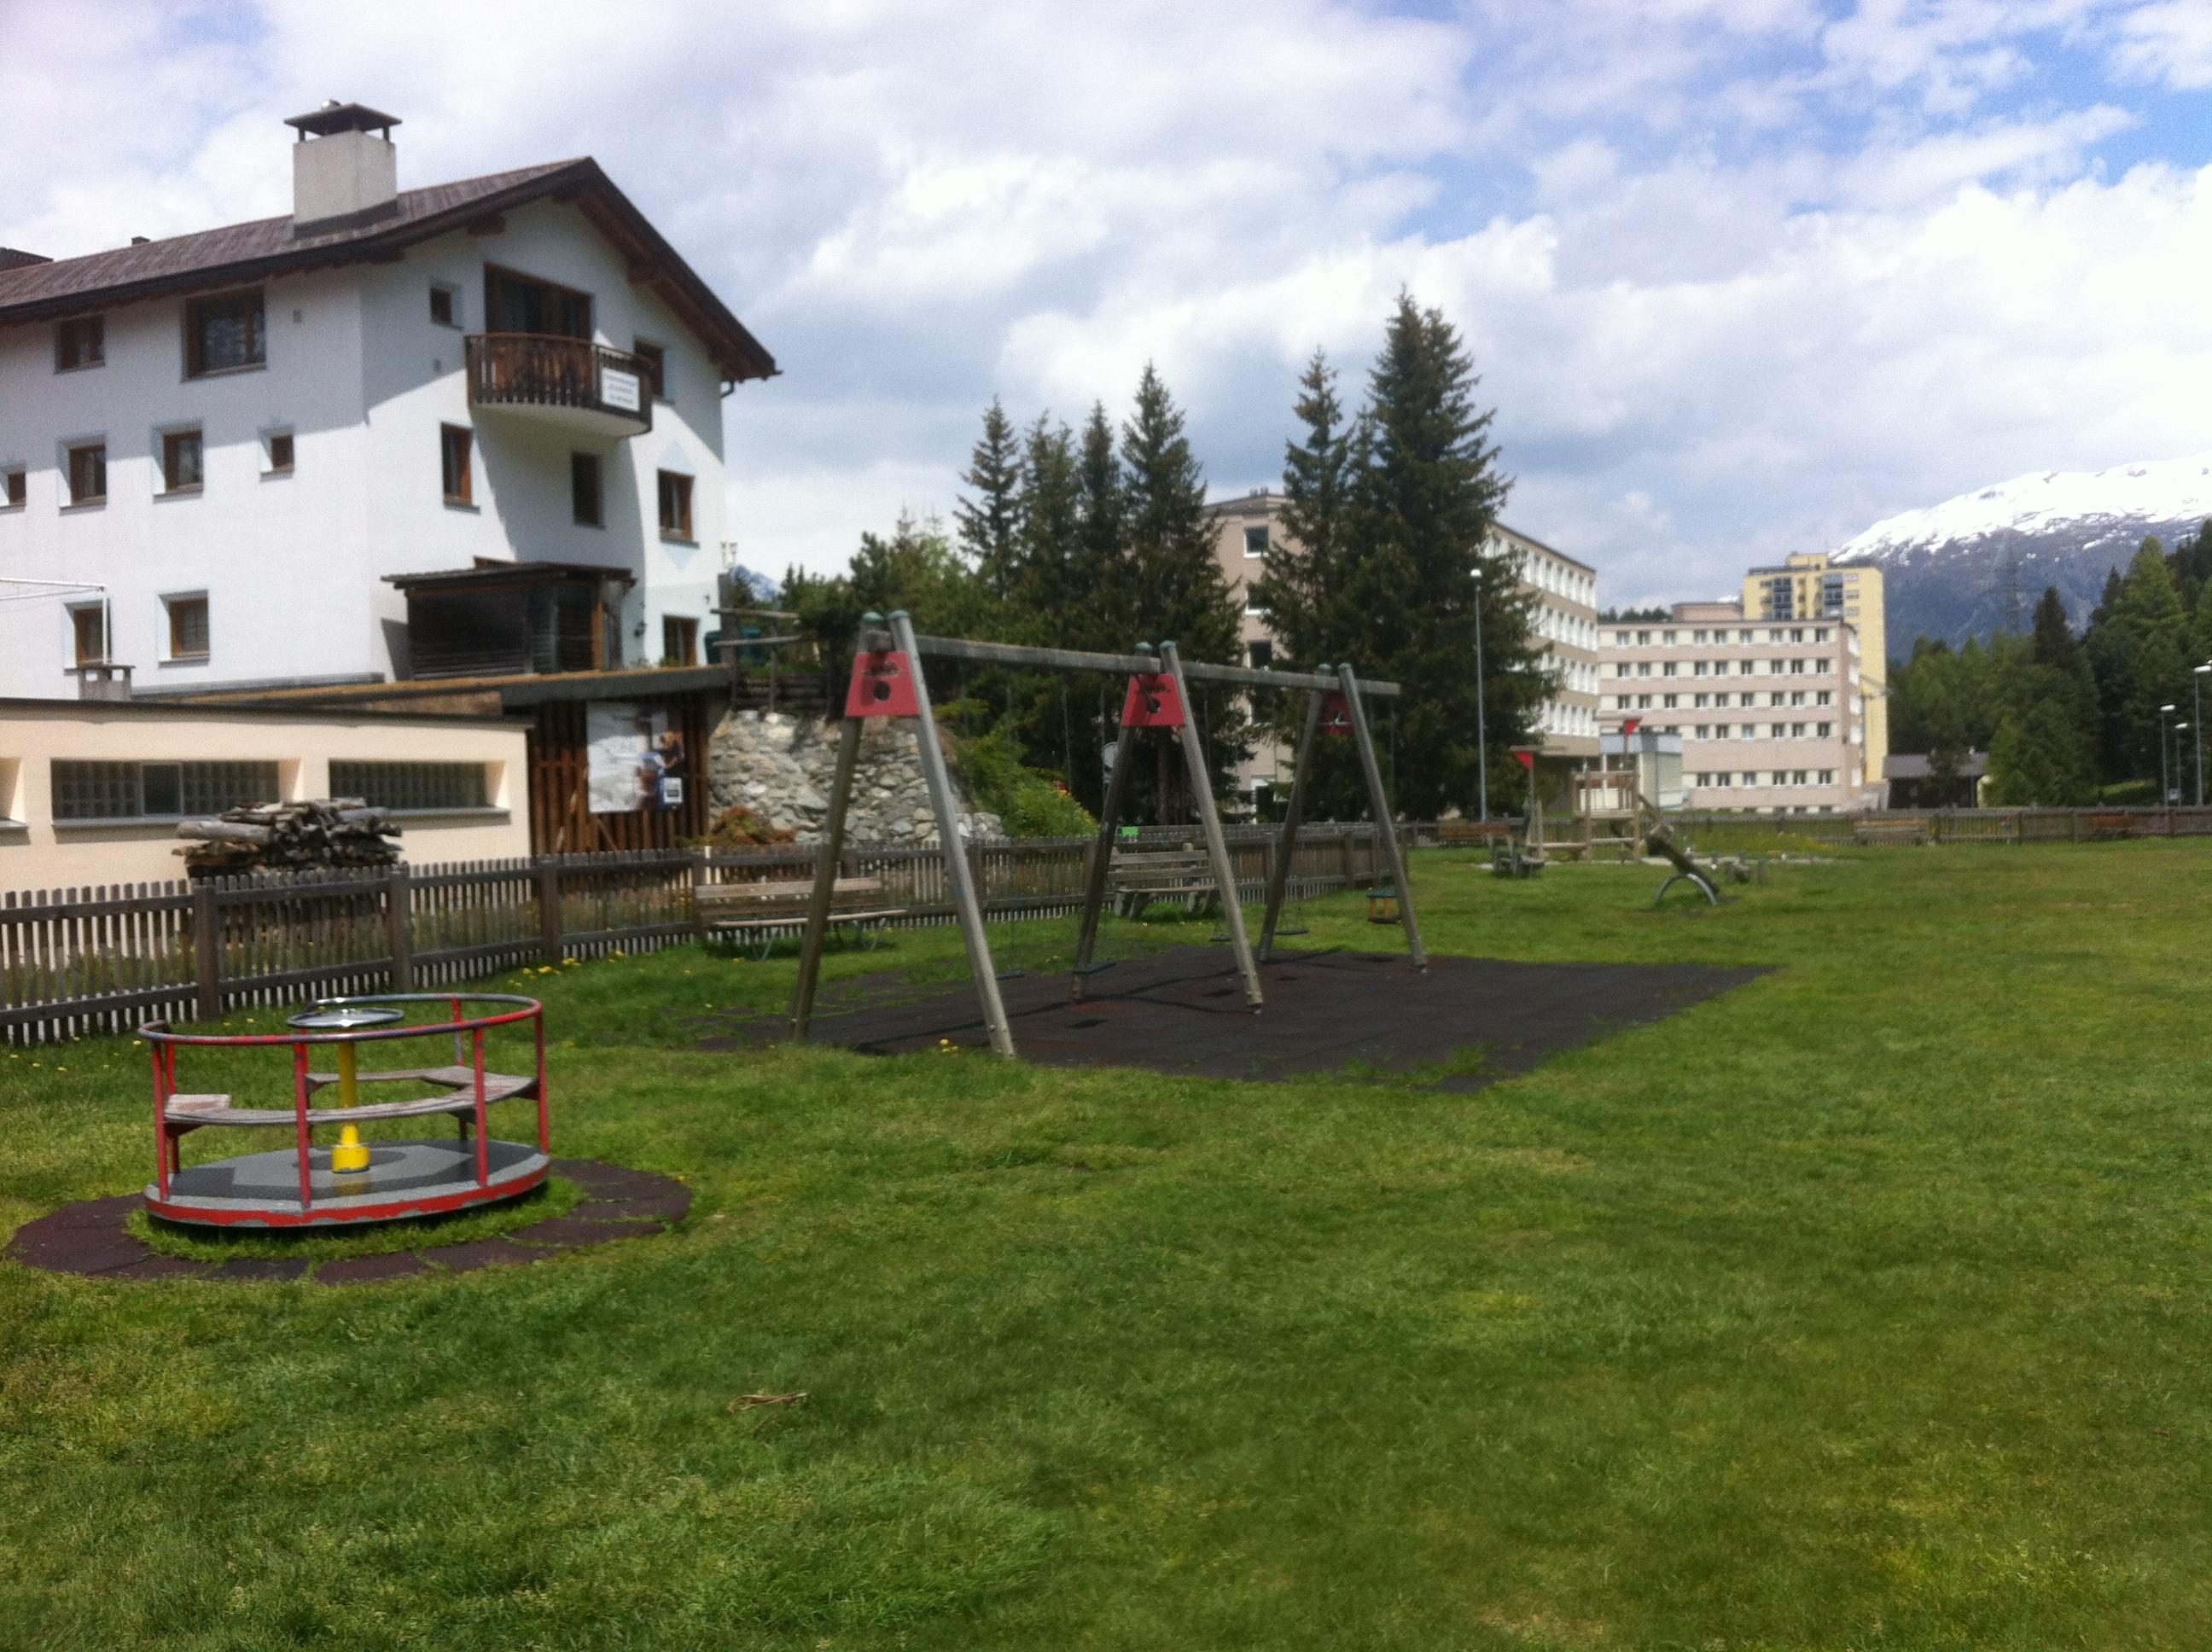 Kinderspielplatz Via da l'Ova Cotschna Slide 1